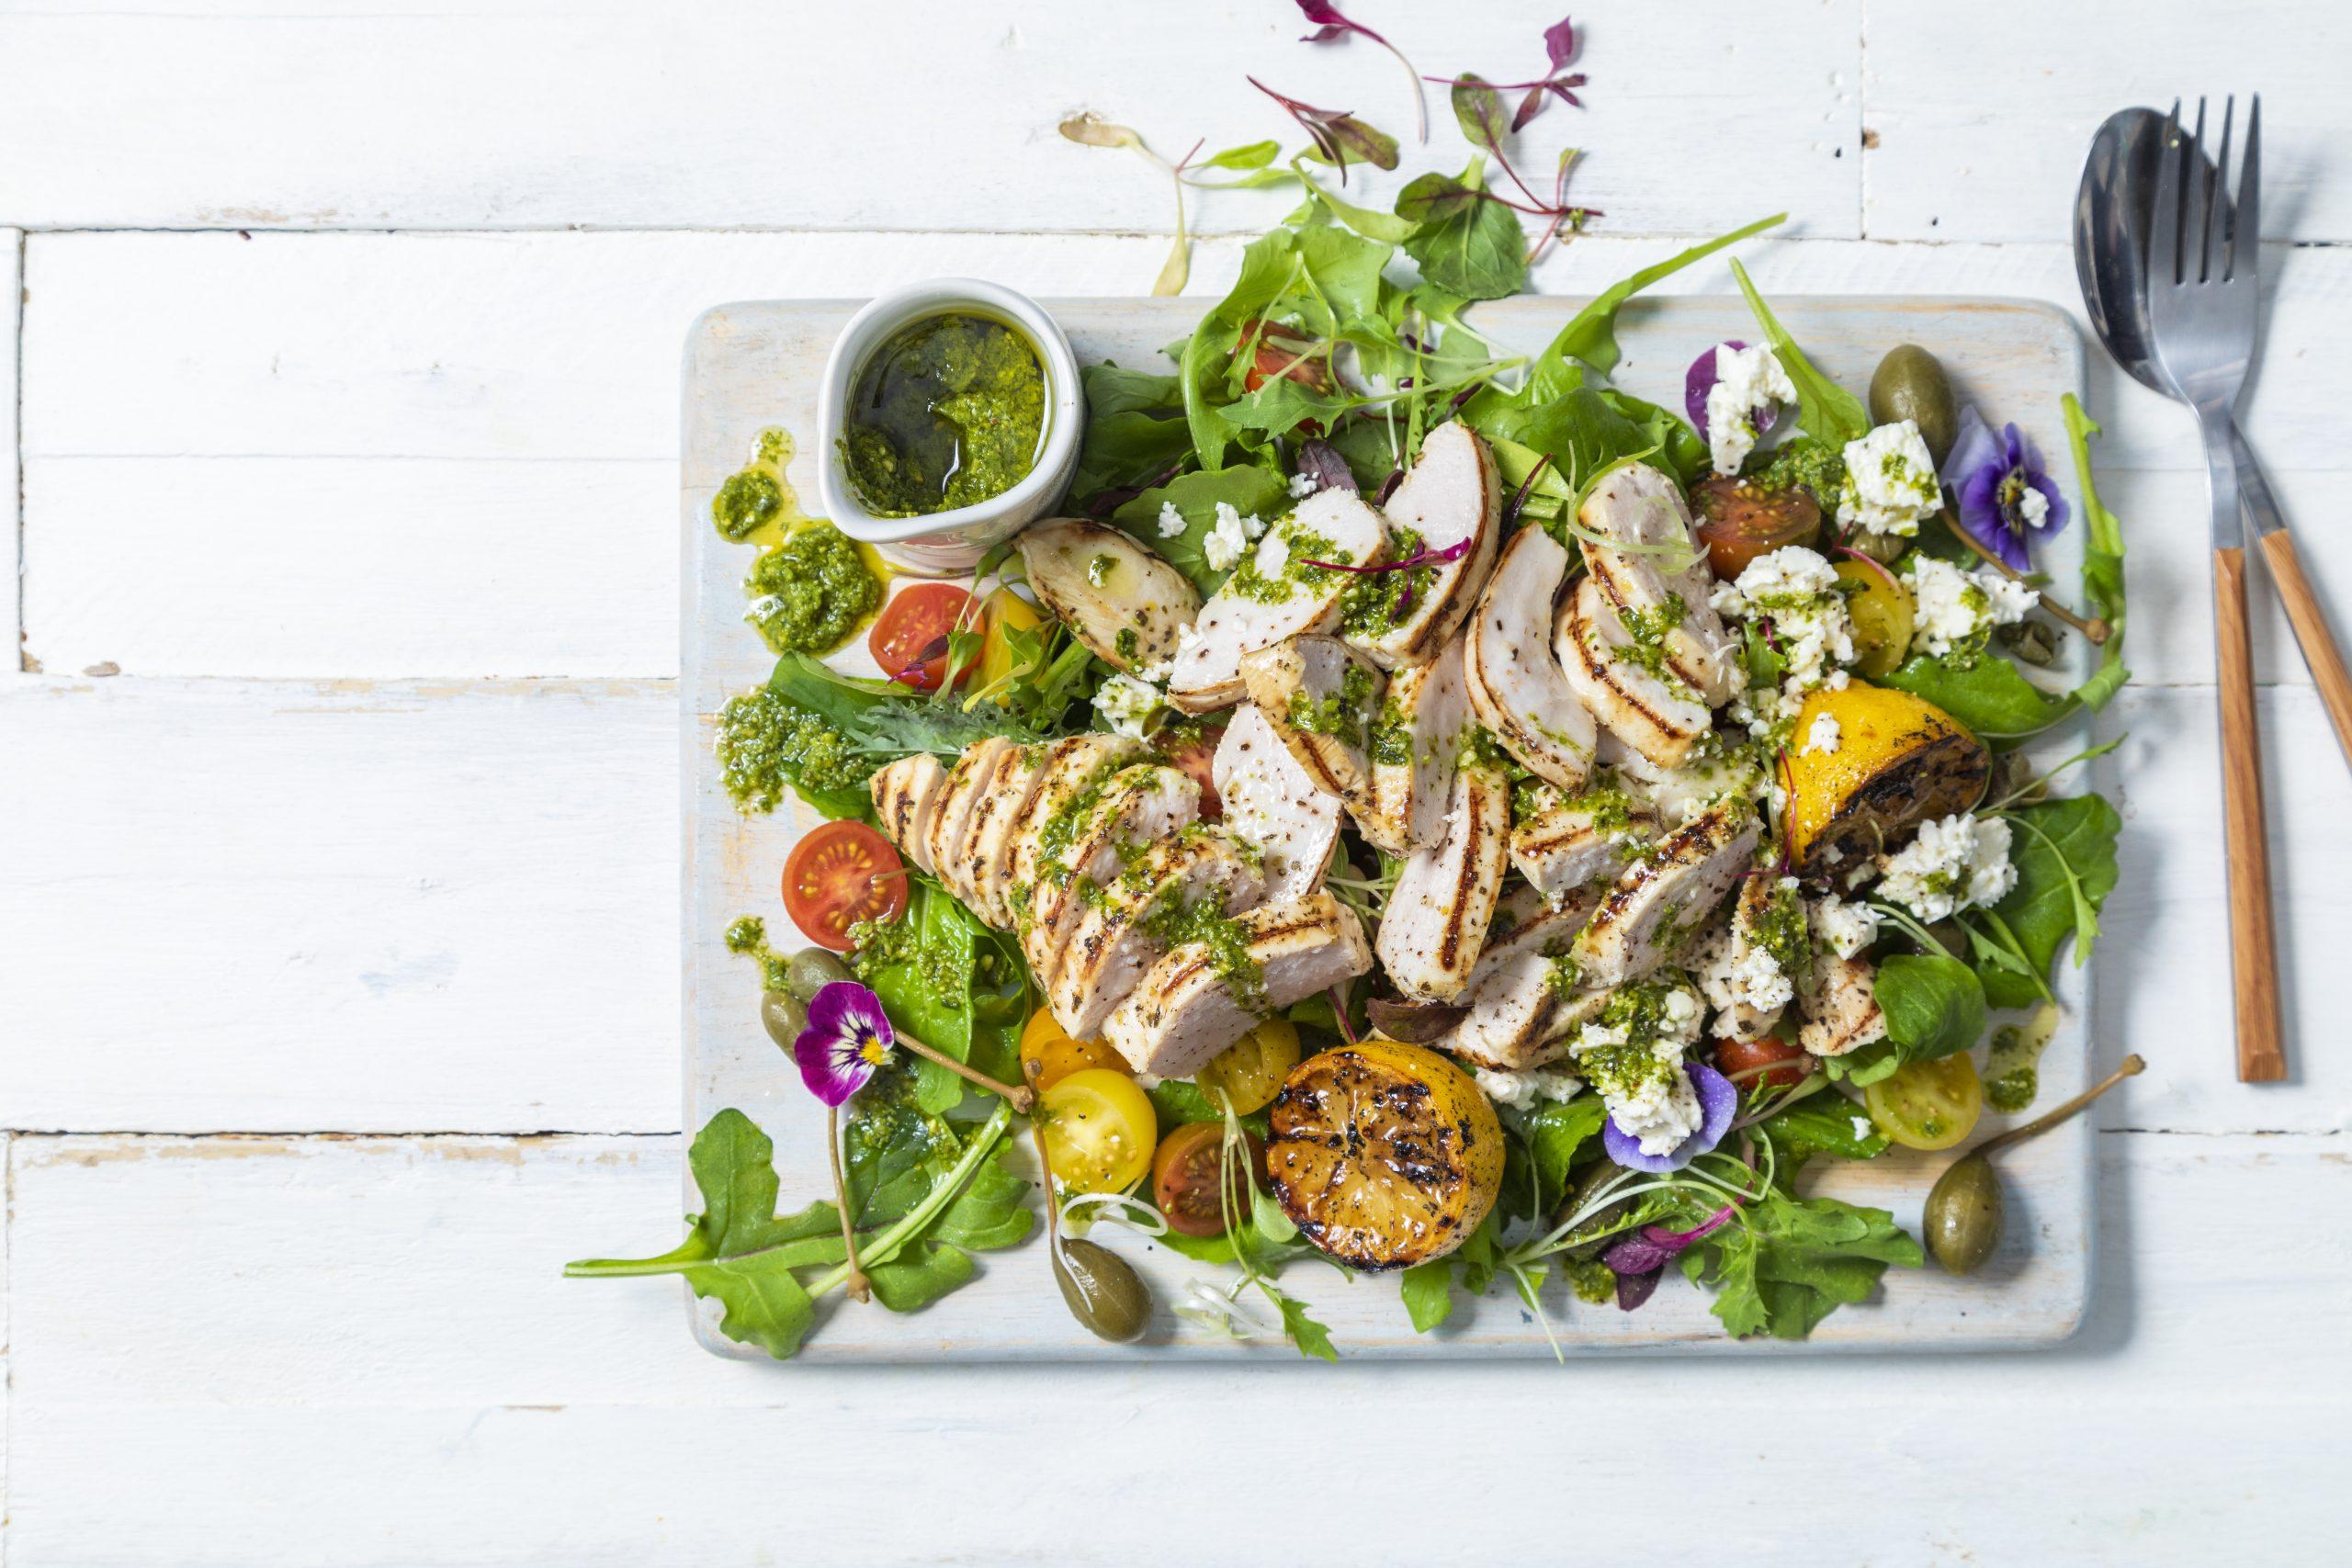 lemon-grilled chicken salad